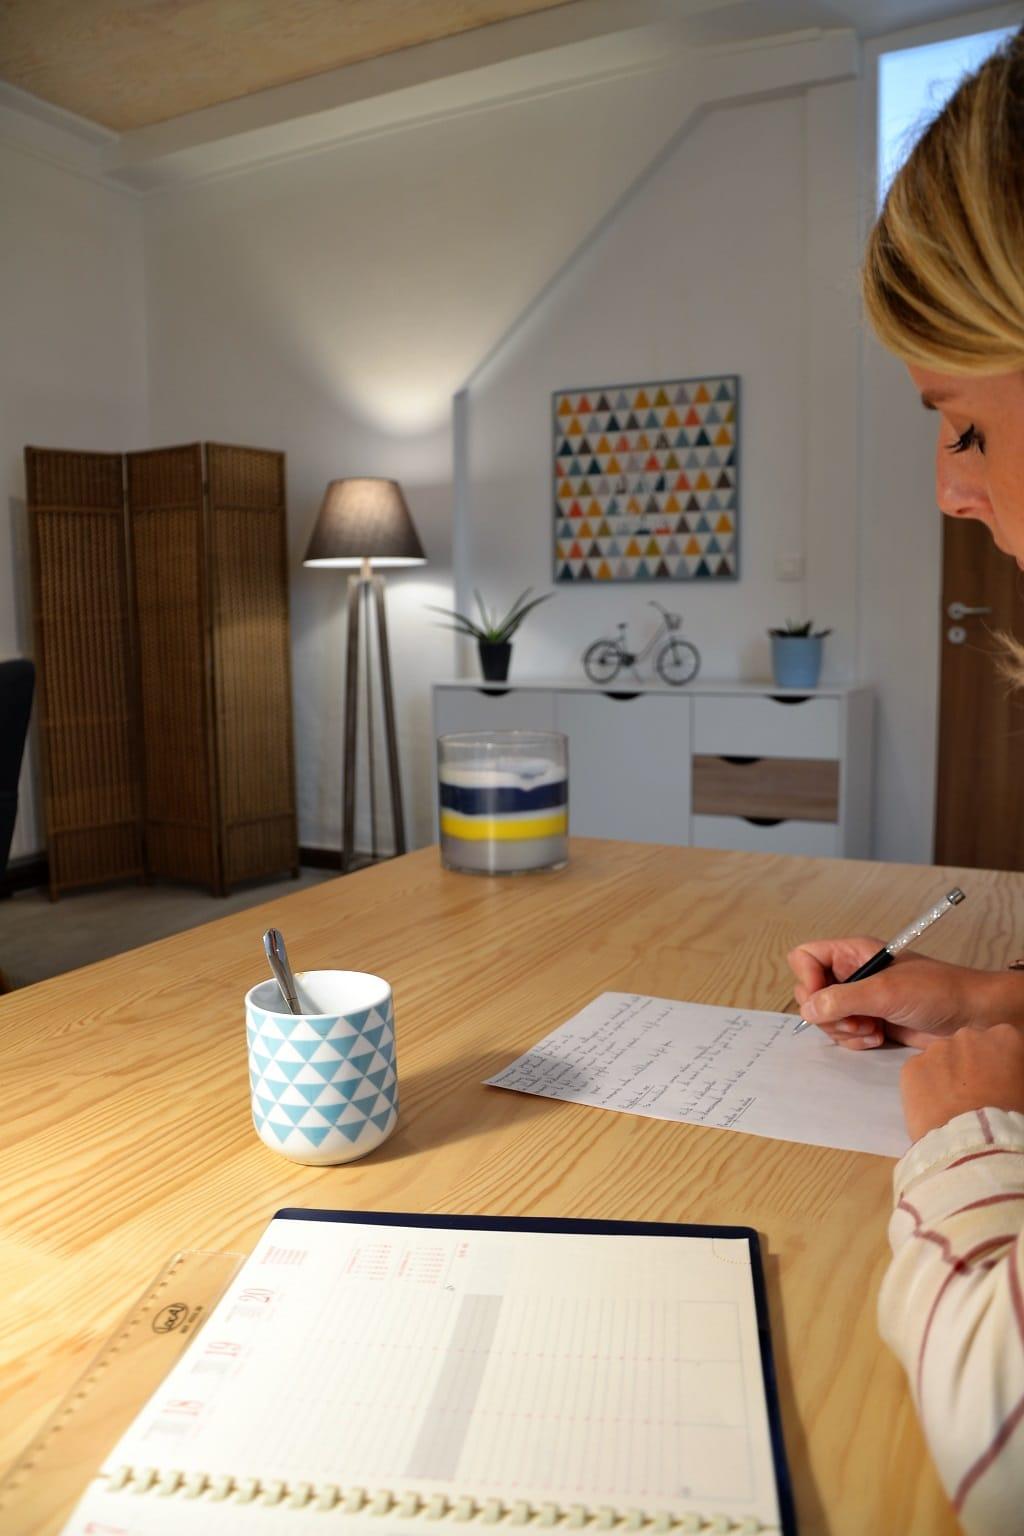 Bureau du cabinet de consultation de Margot Duvauchelle, psychologue à Amiens